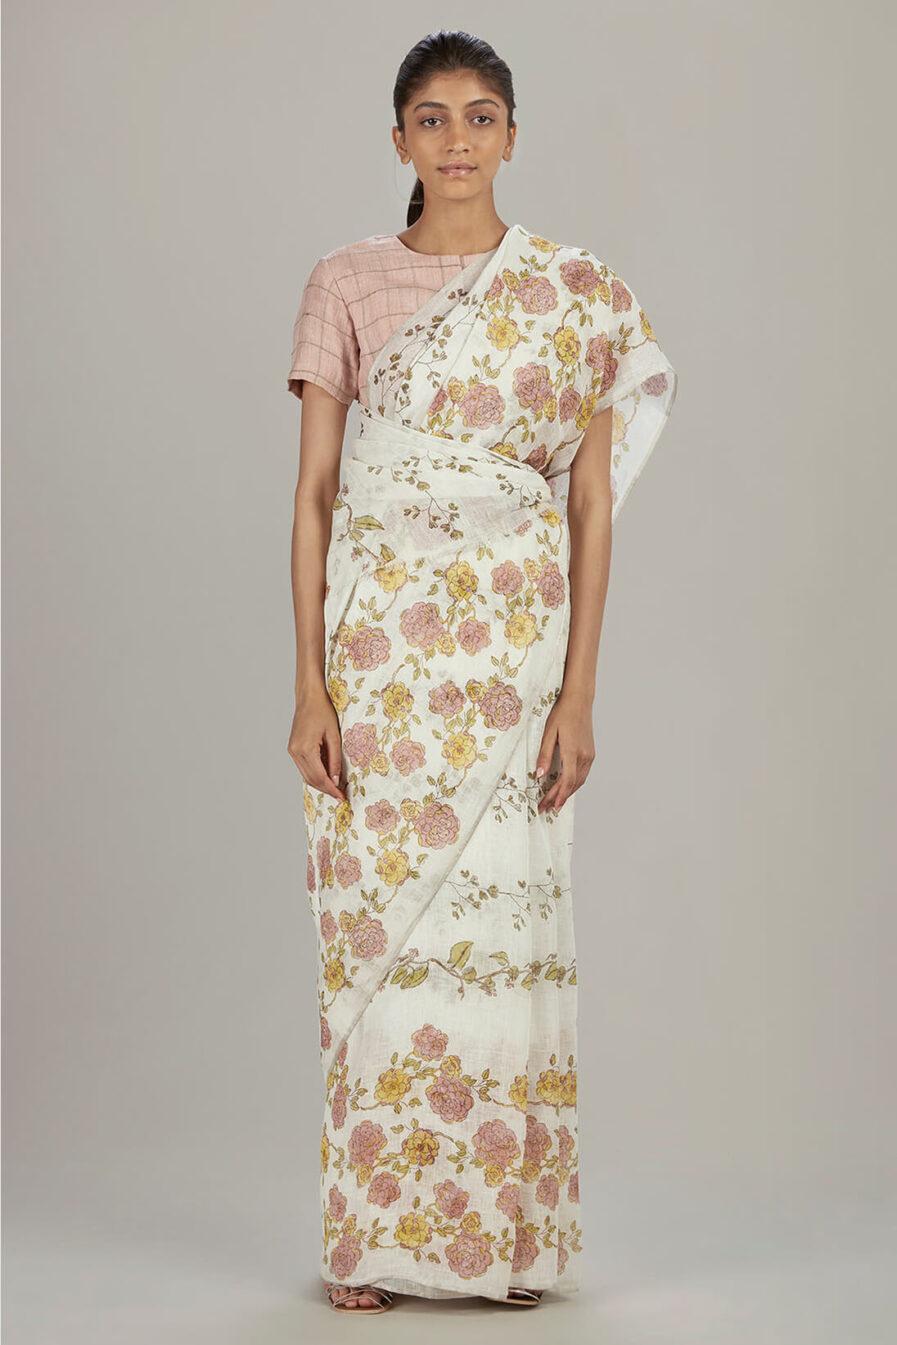 Anavil Floral block printed sari